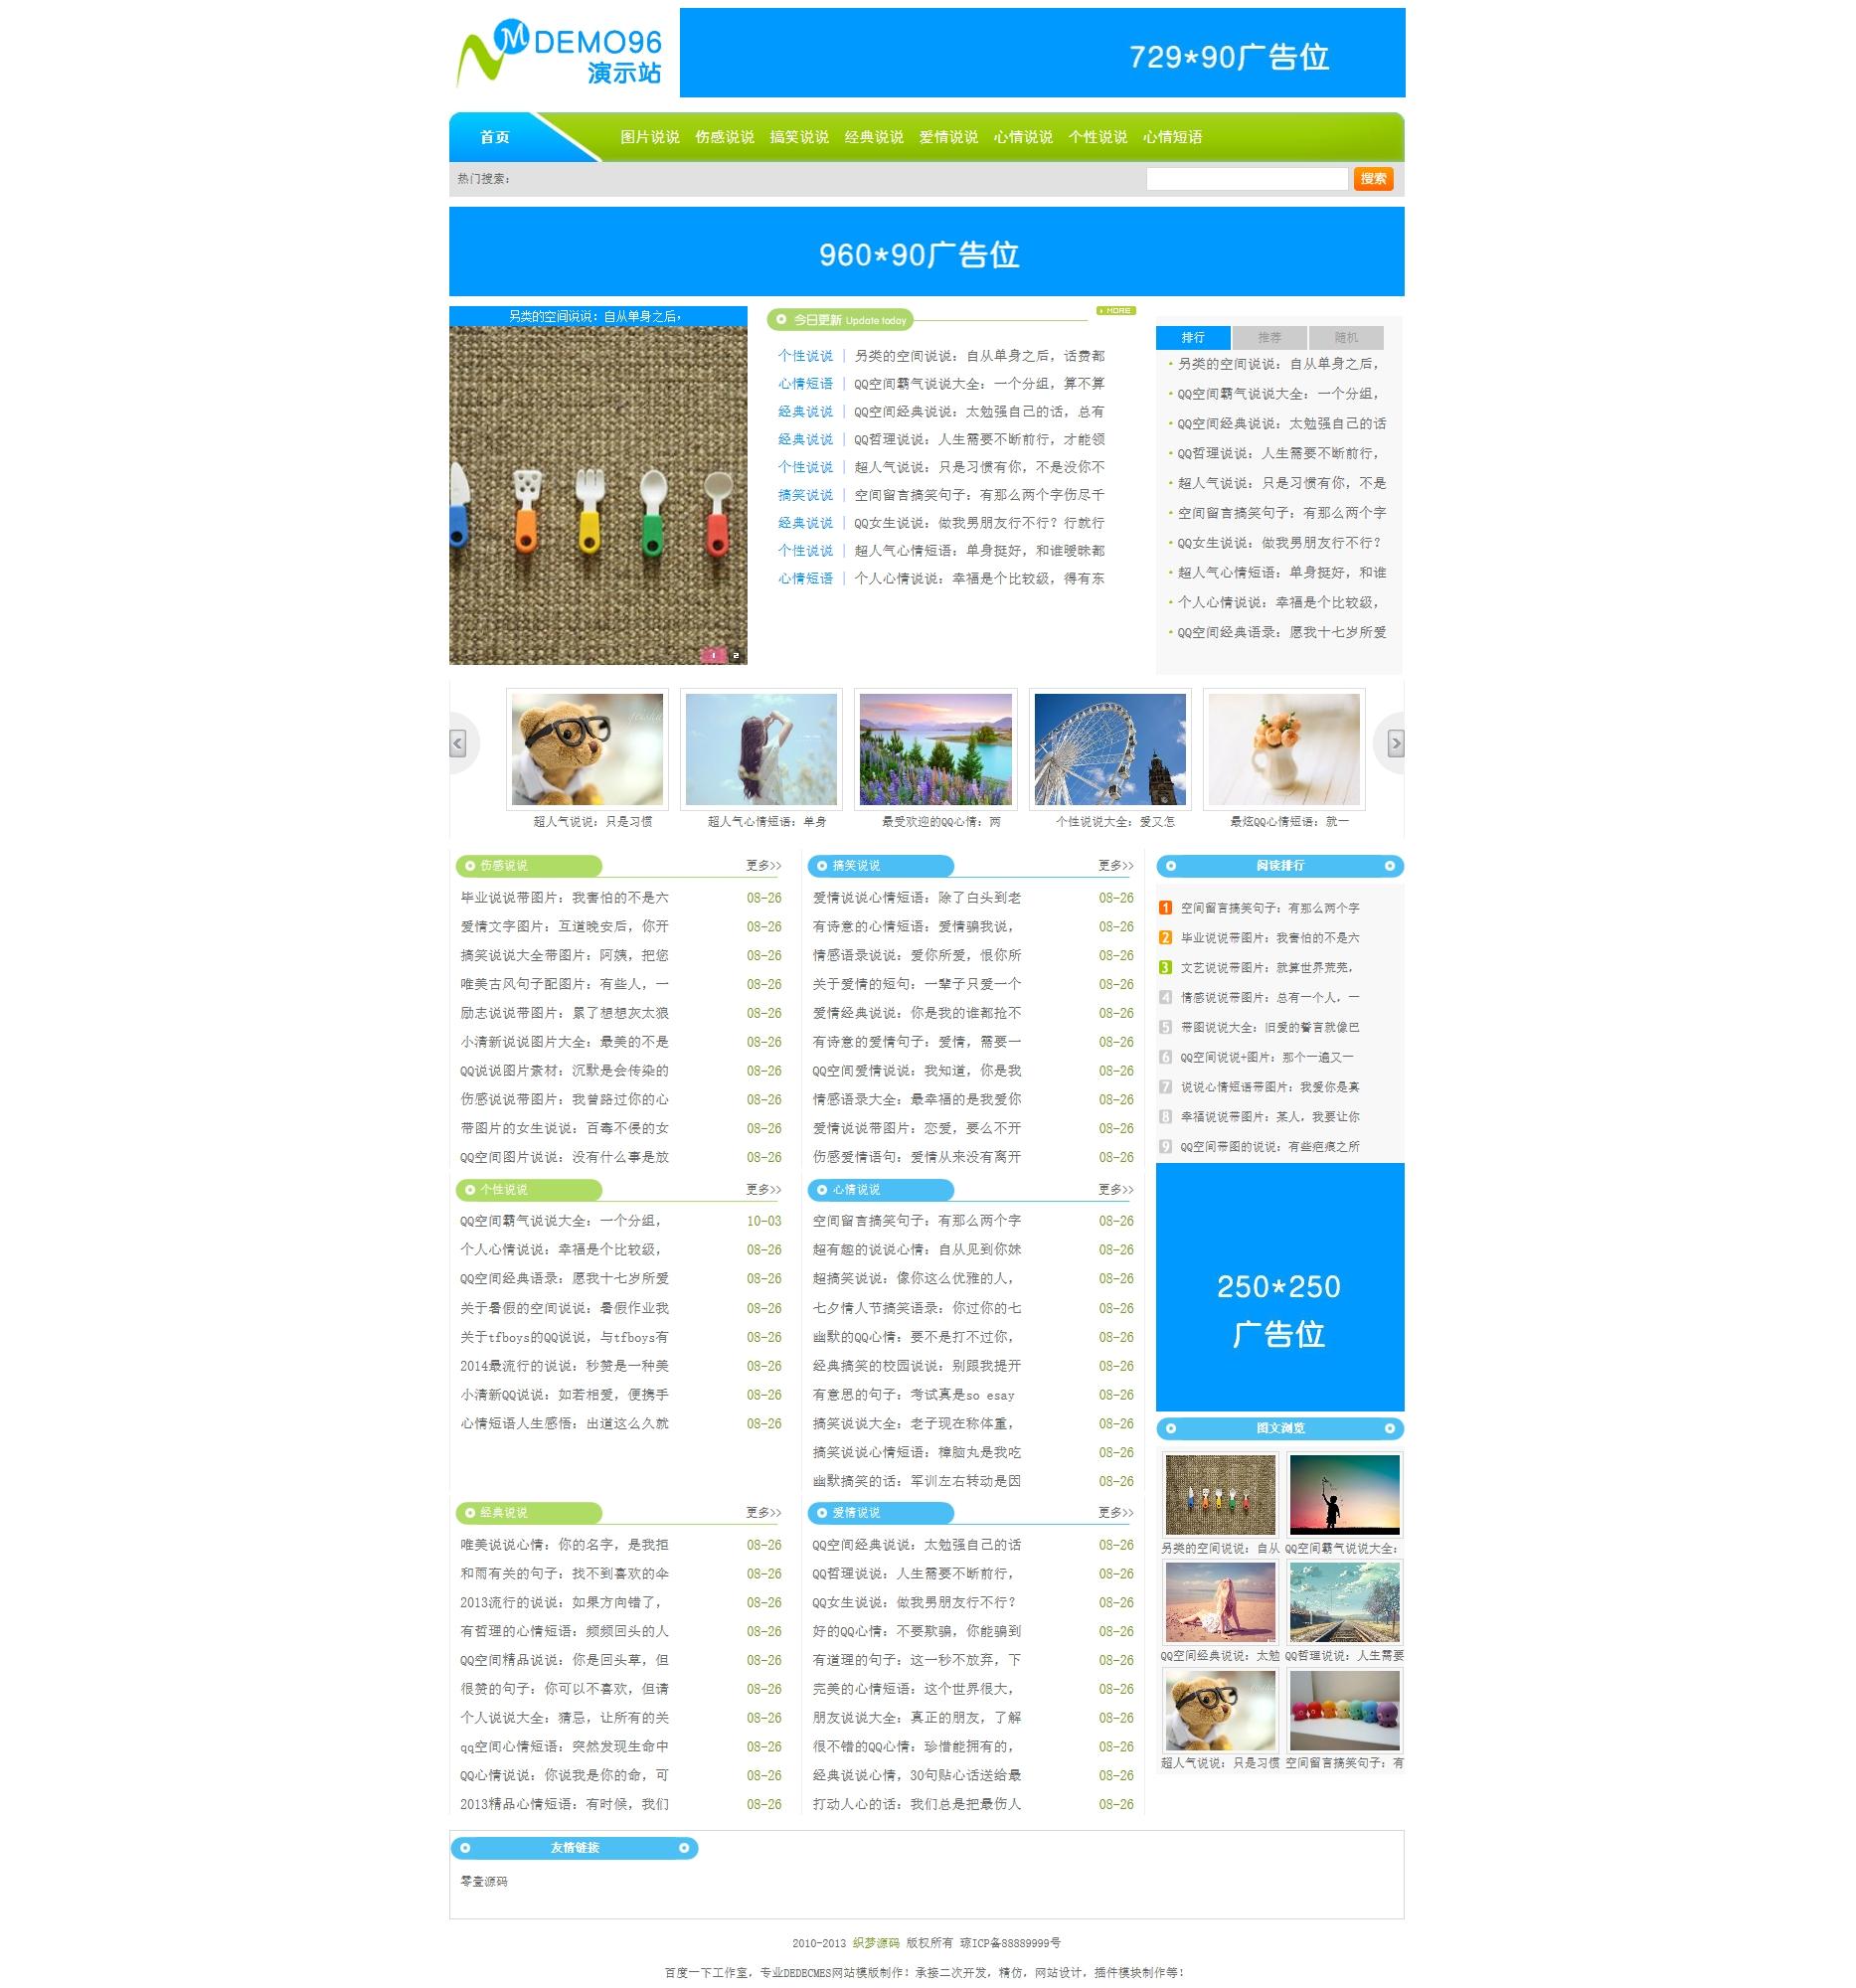 文章类织梦dedecms源码站模版程序